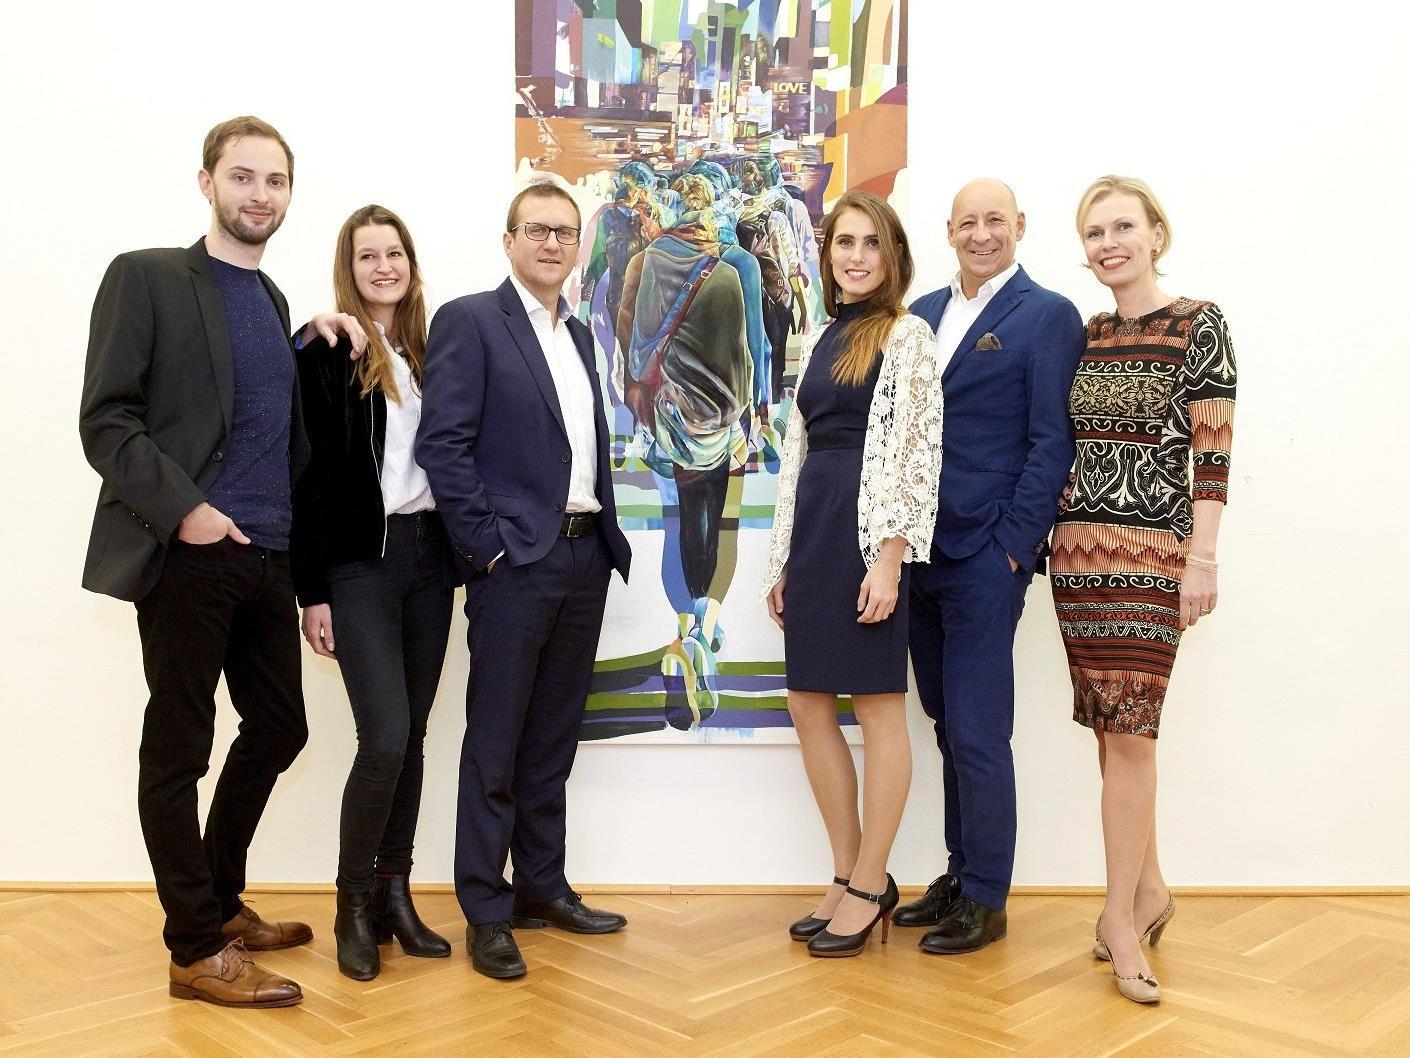 Plattform für junge Künstler in Wien.